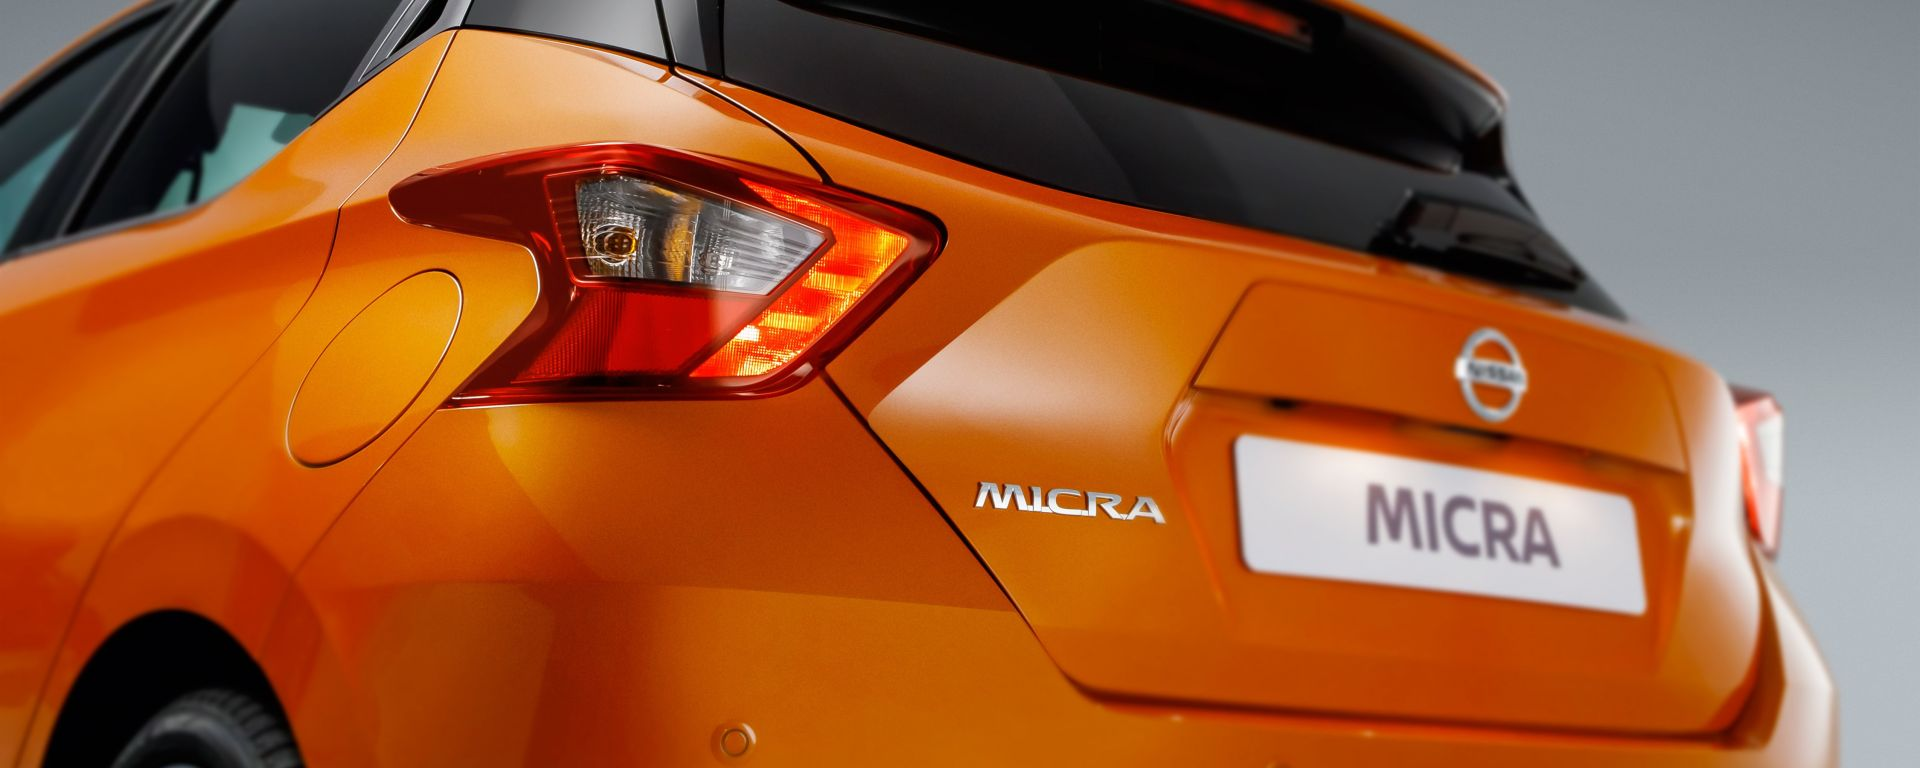 Nissan Micra 2017, la rivoluzione è iniziata